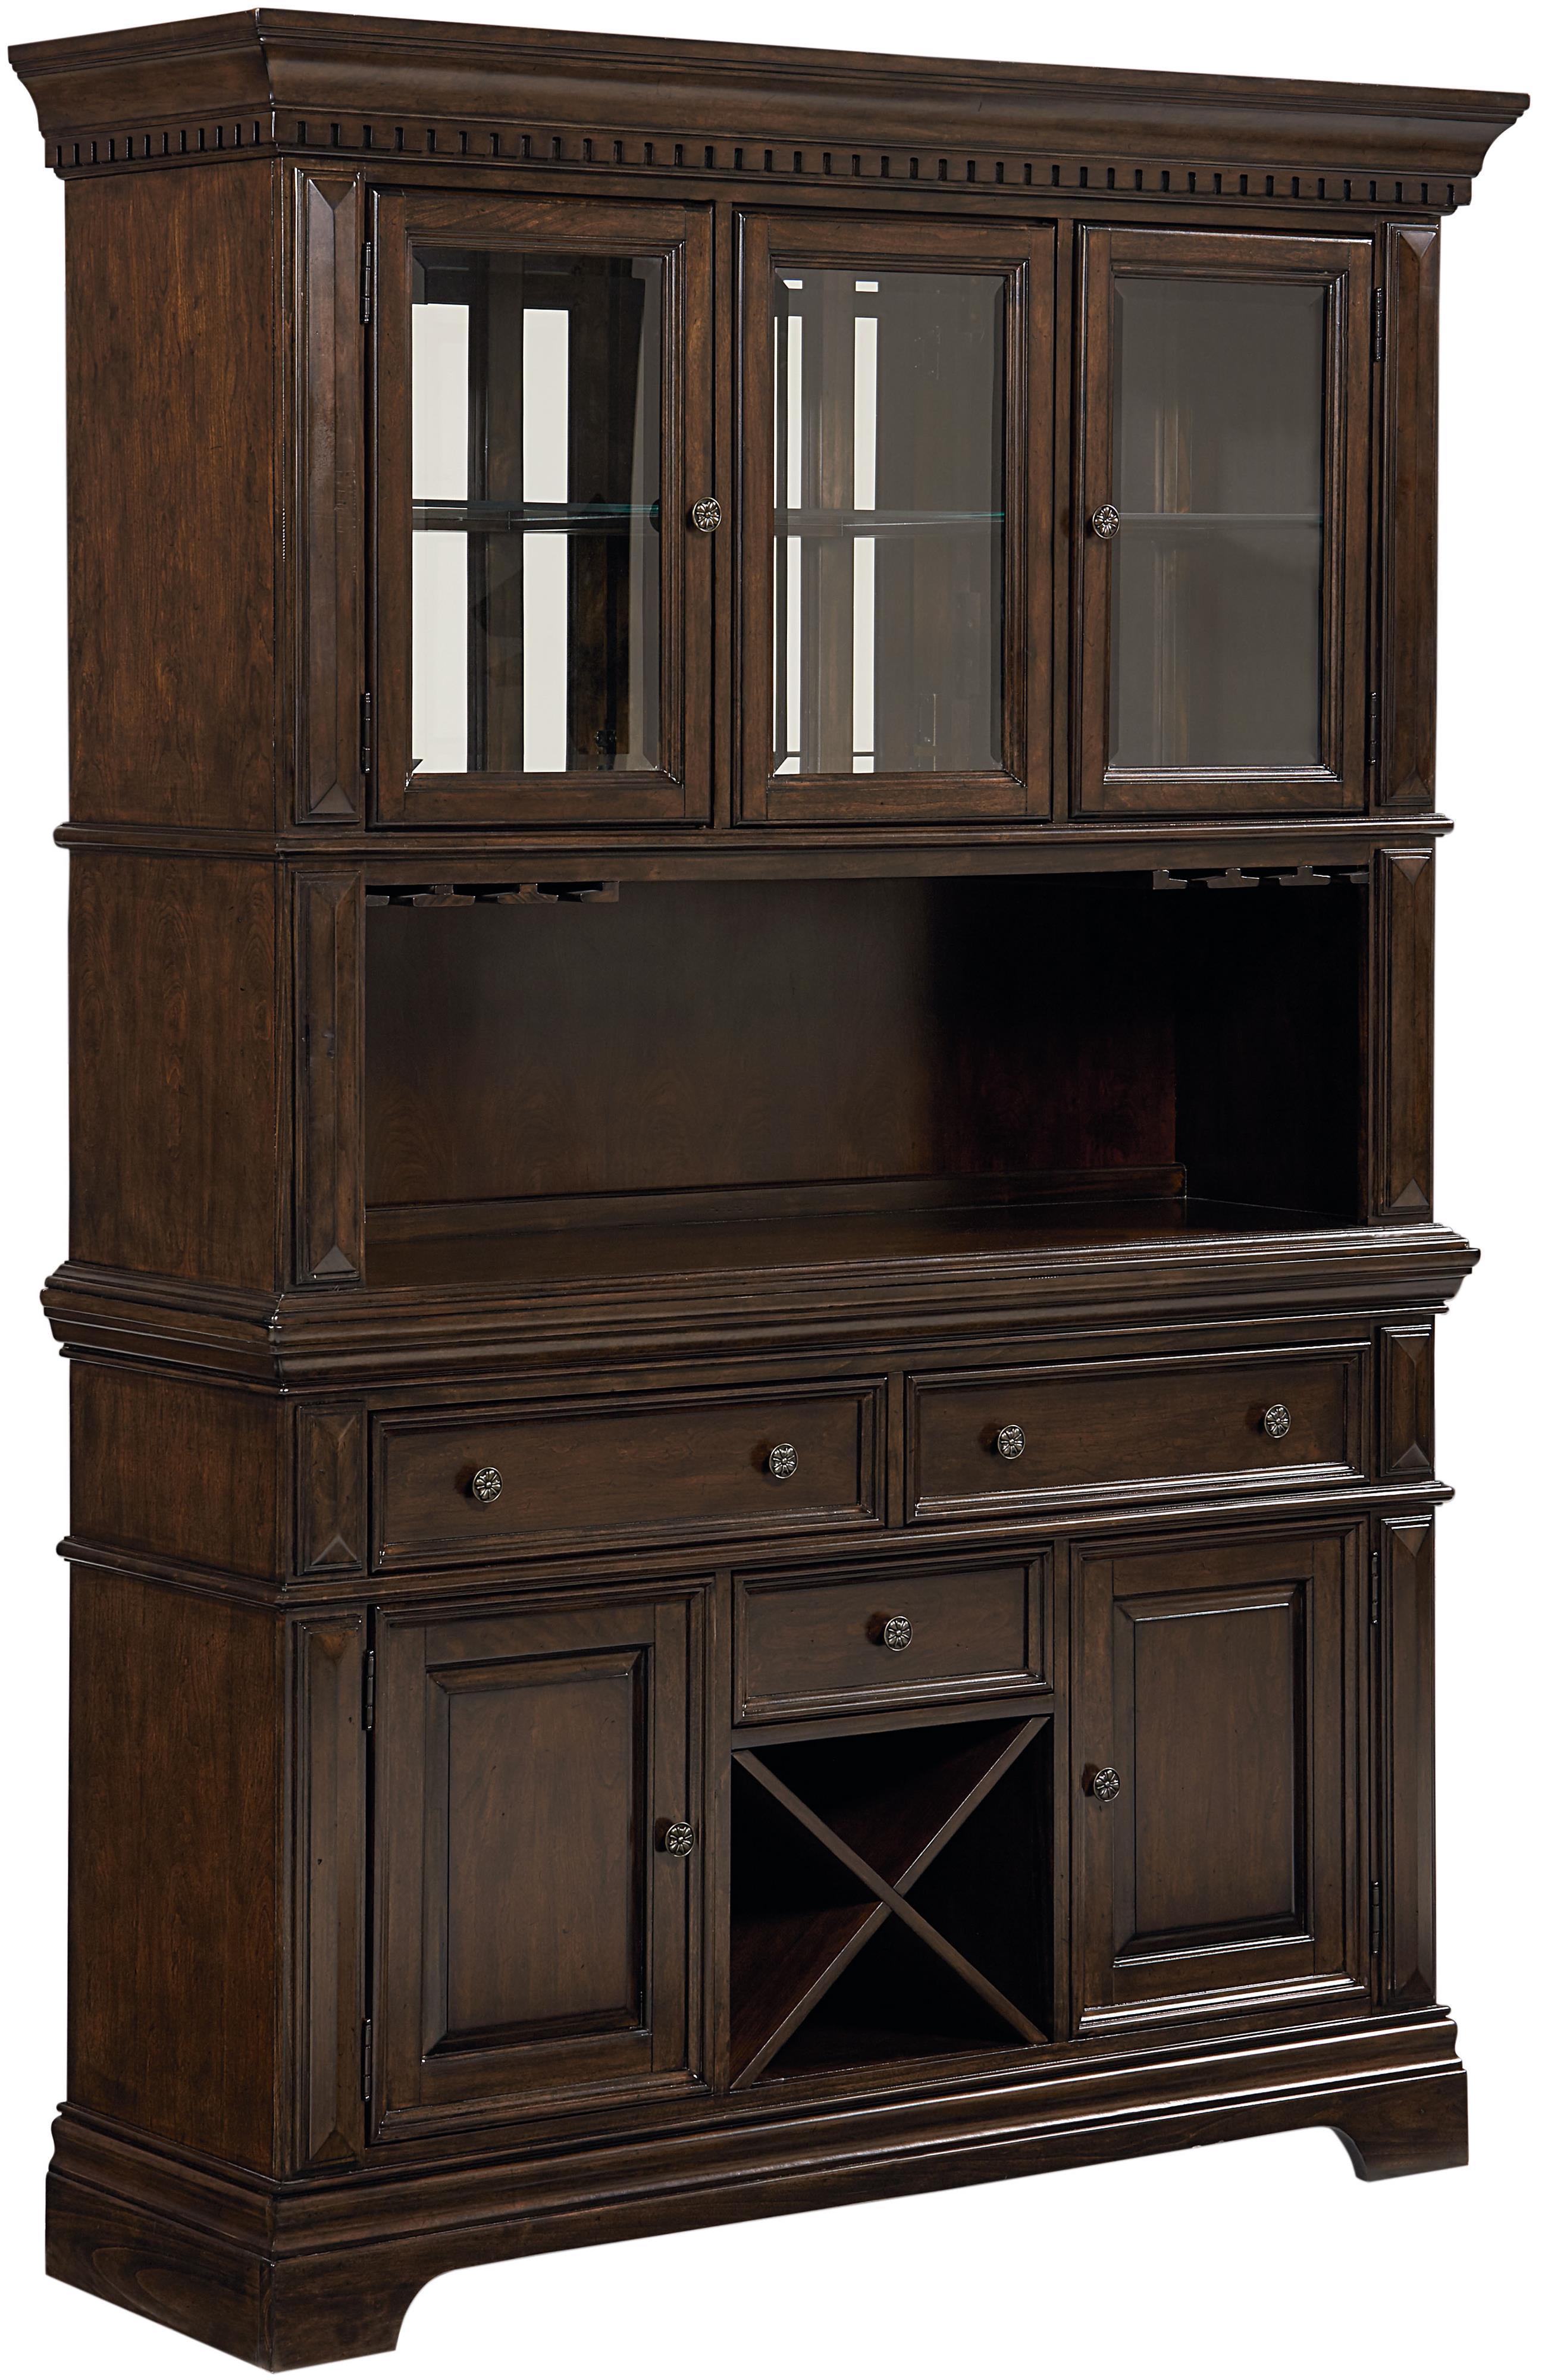 Standard Furniture Charleston Buffet & Hutch - Item Number: 16728+2016728